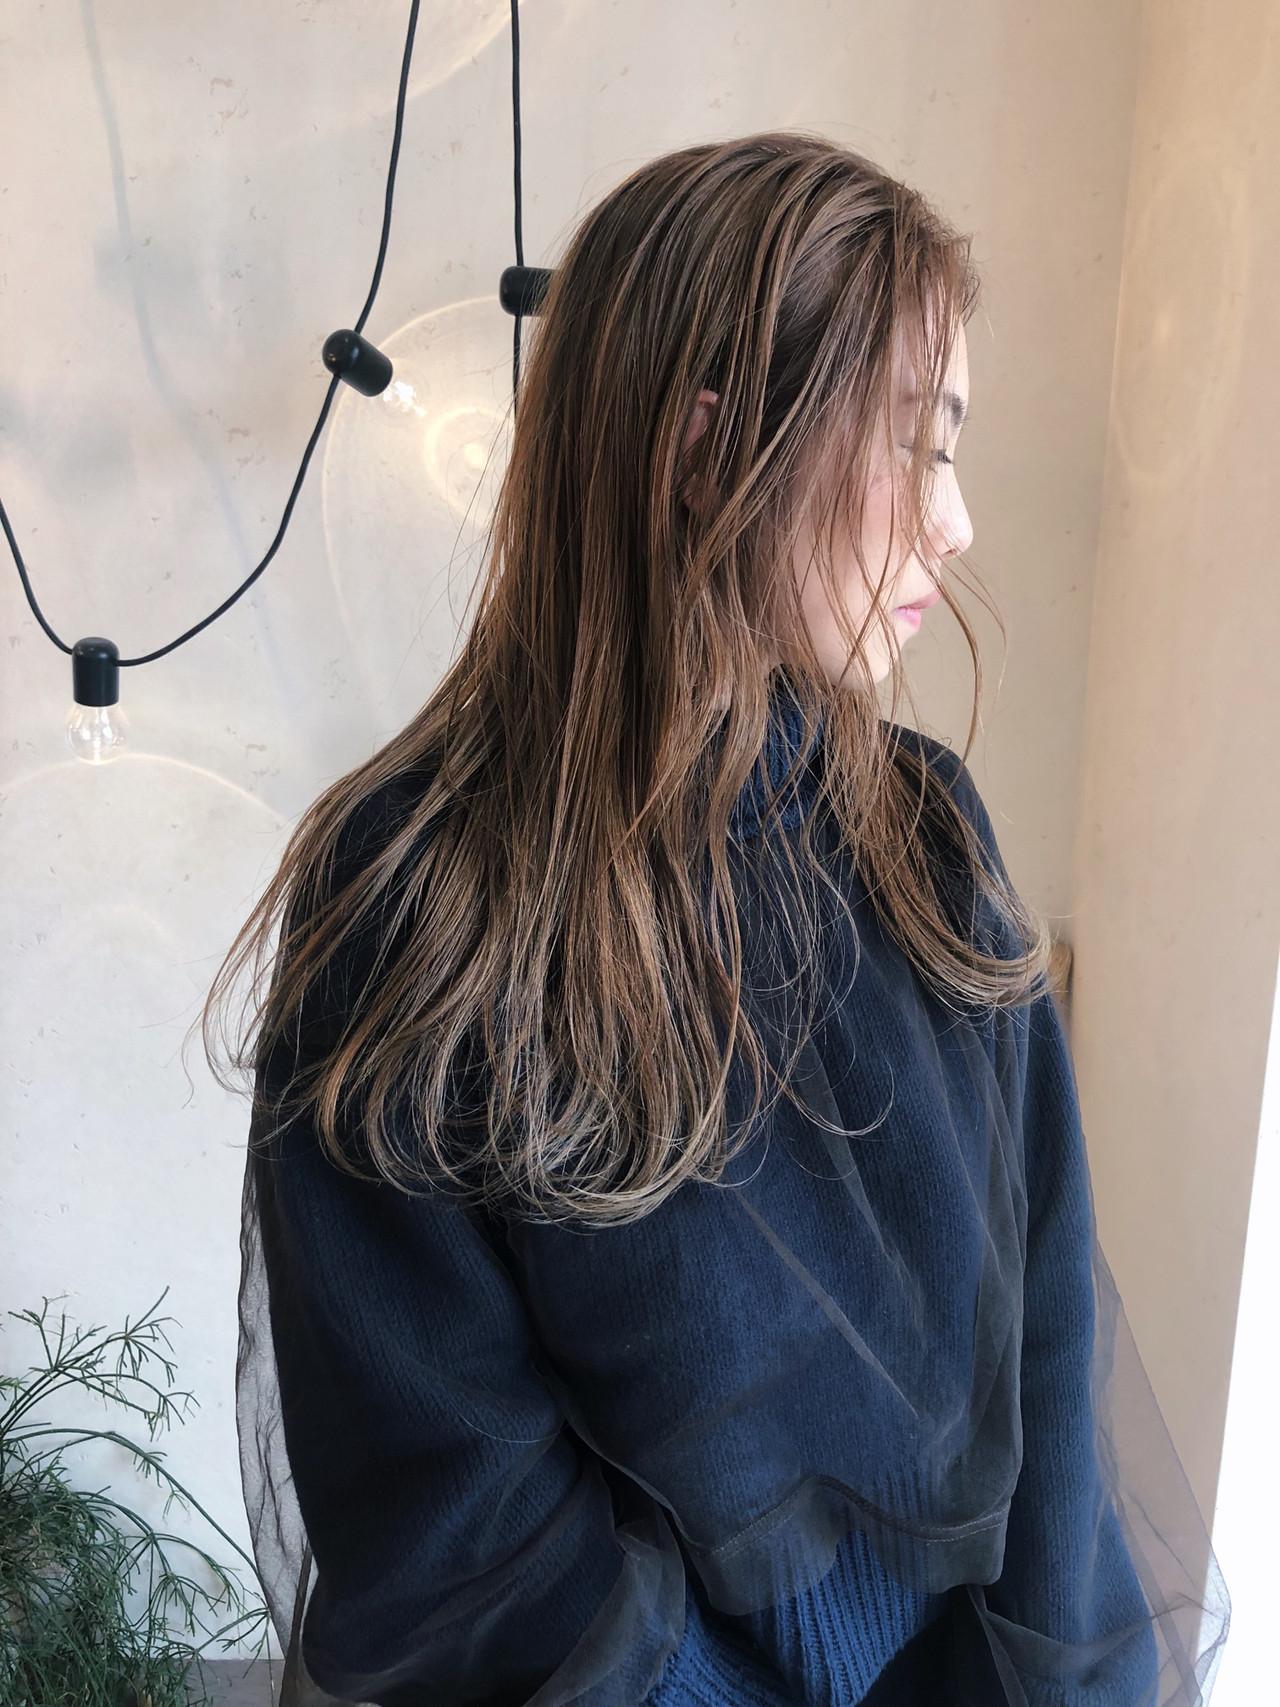 ナチュラル ハイトーンカラー 大人かわいい アンニュイほつれヘア ヘアスタイルや髪型の写真・画像